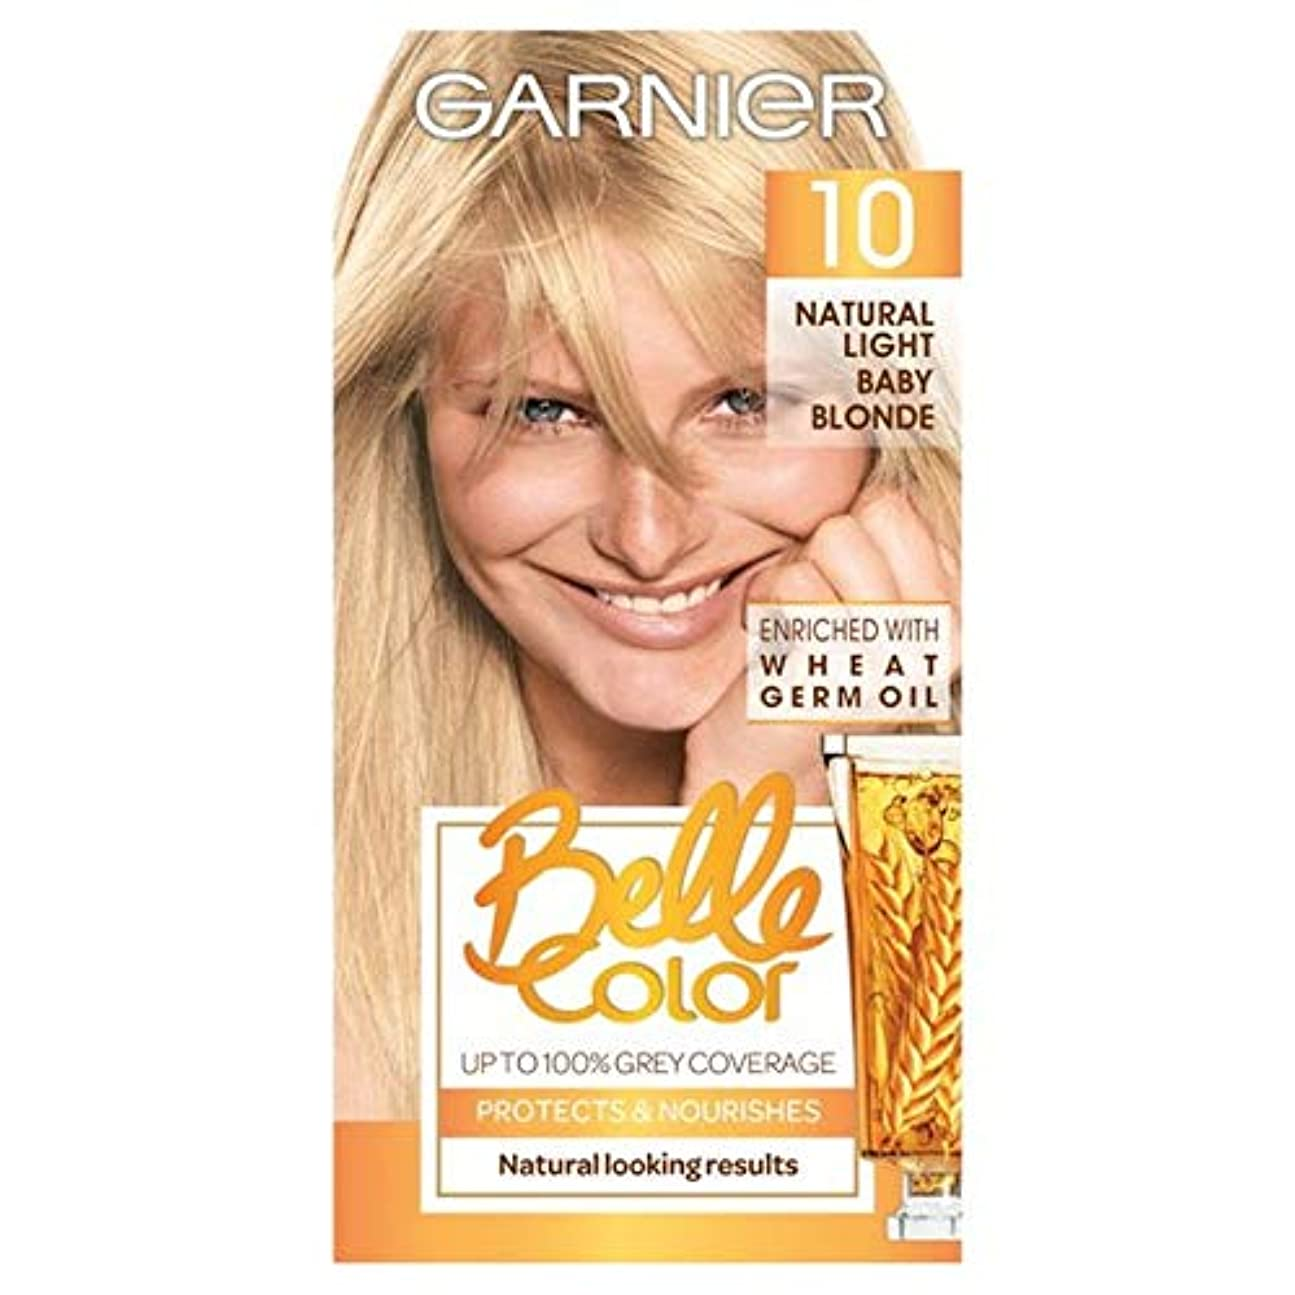 速い最もく[Belle Color ] ガーン/ベル/Clr 10自然光の赤ちゃんブロンドパーマネントヘアダイ - Garn/Bel/Clr 10 Natural Light Baby Blonde Permanent Hair...